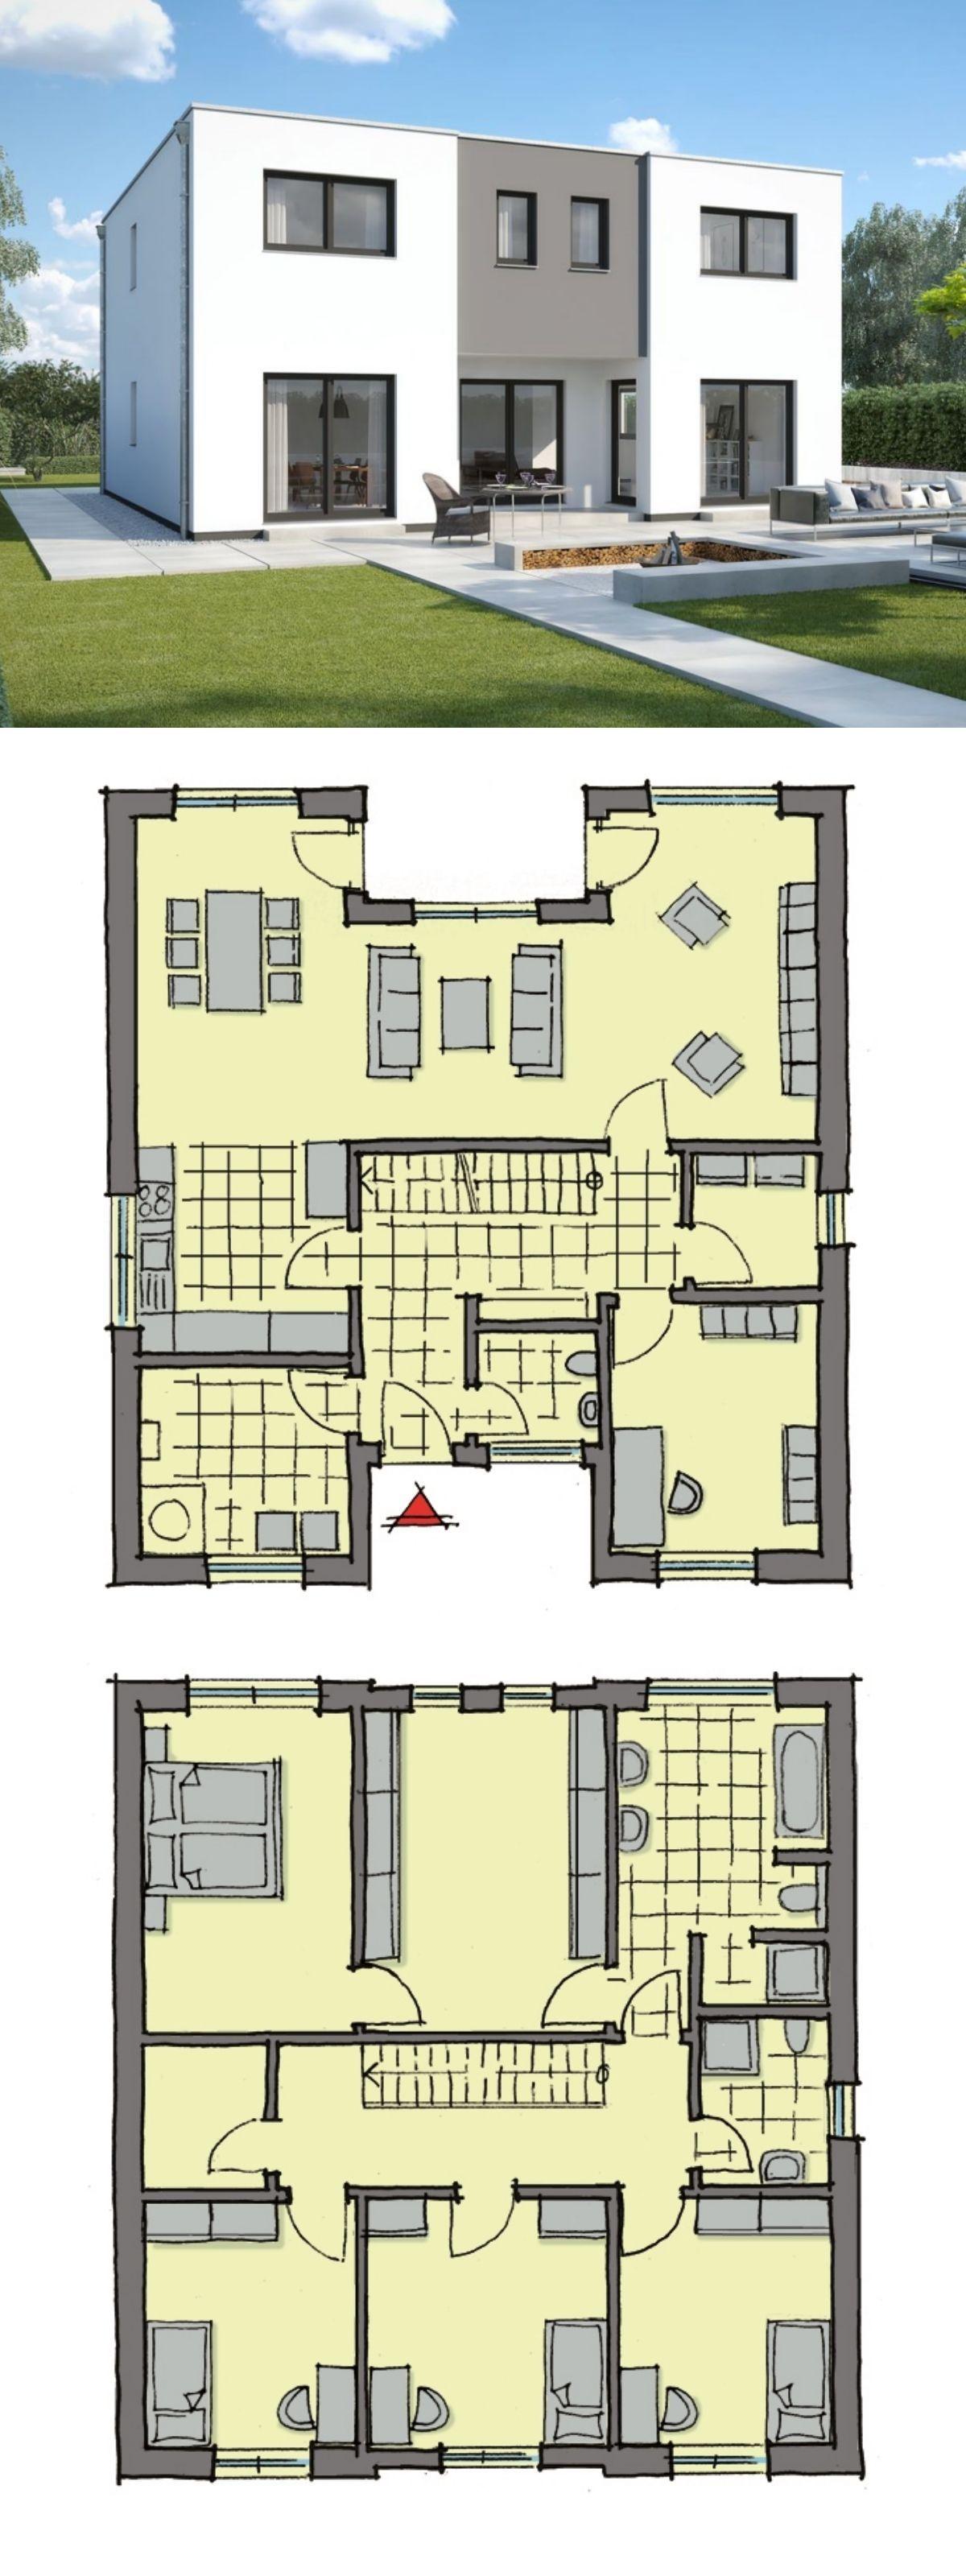 Grundriss Stadtvilla Landhaus mediterran mit Walmdach